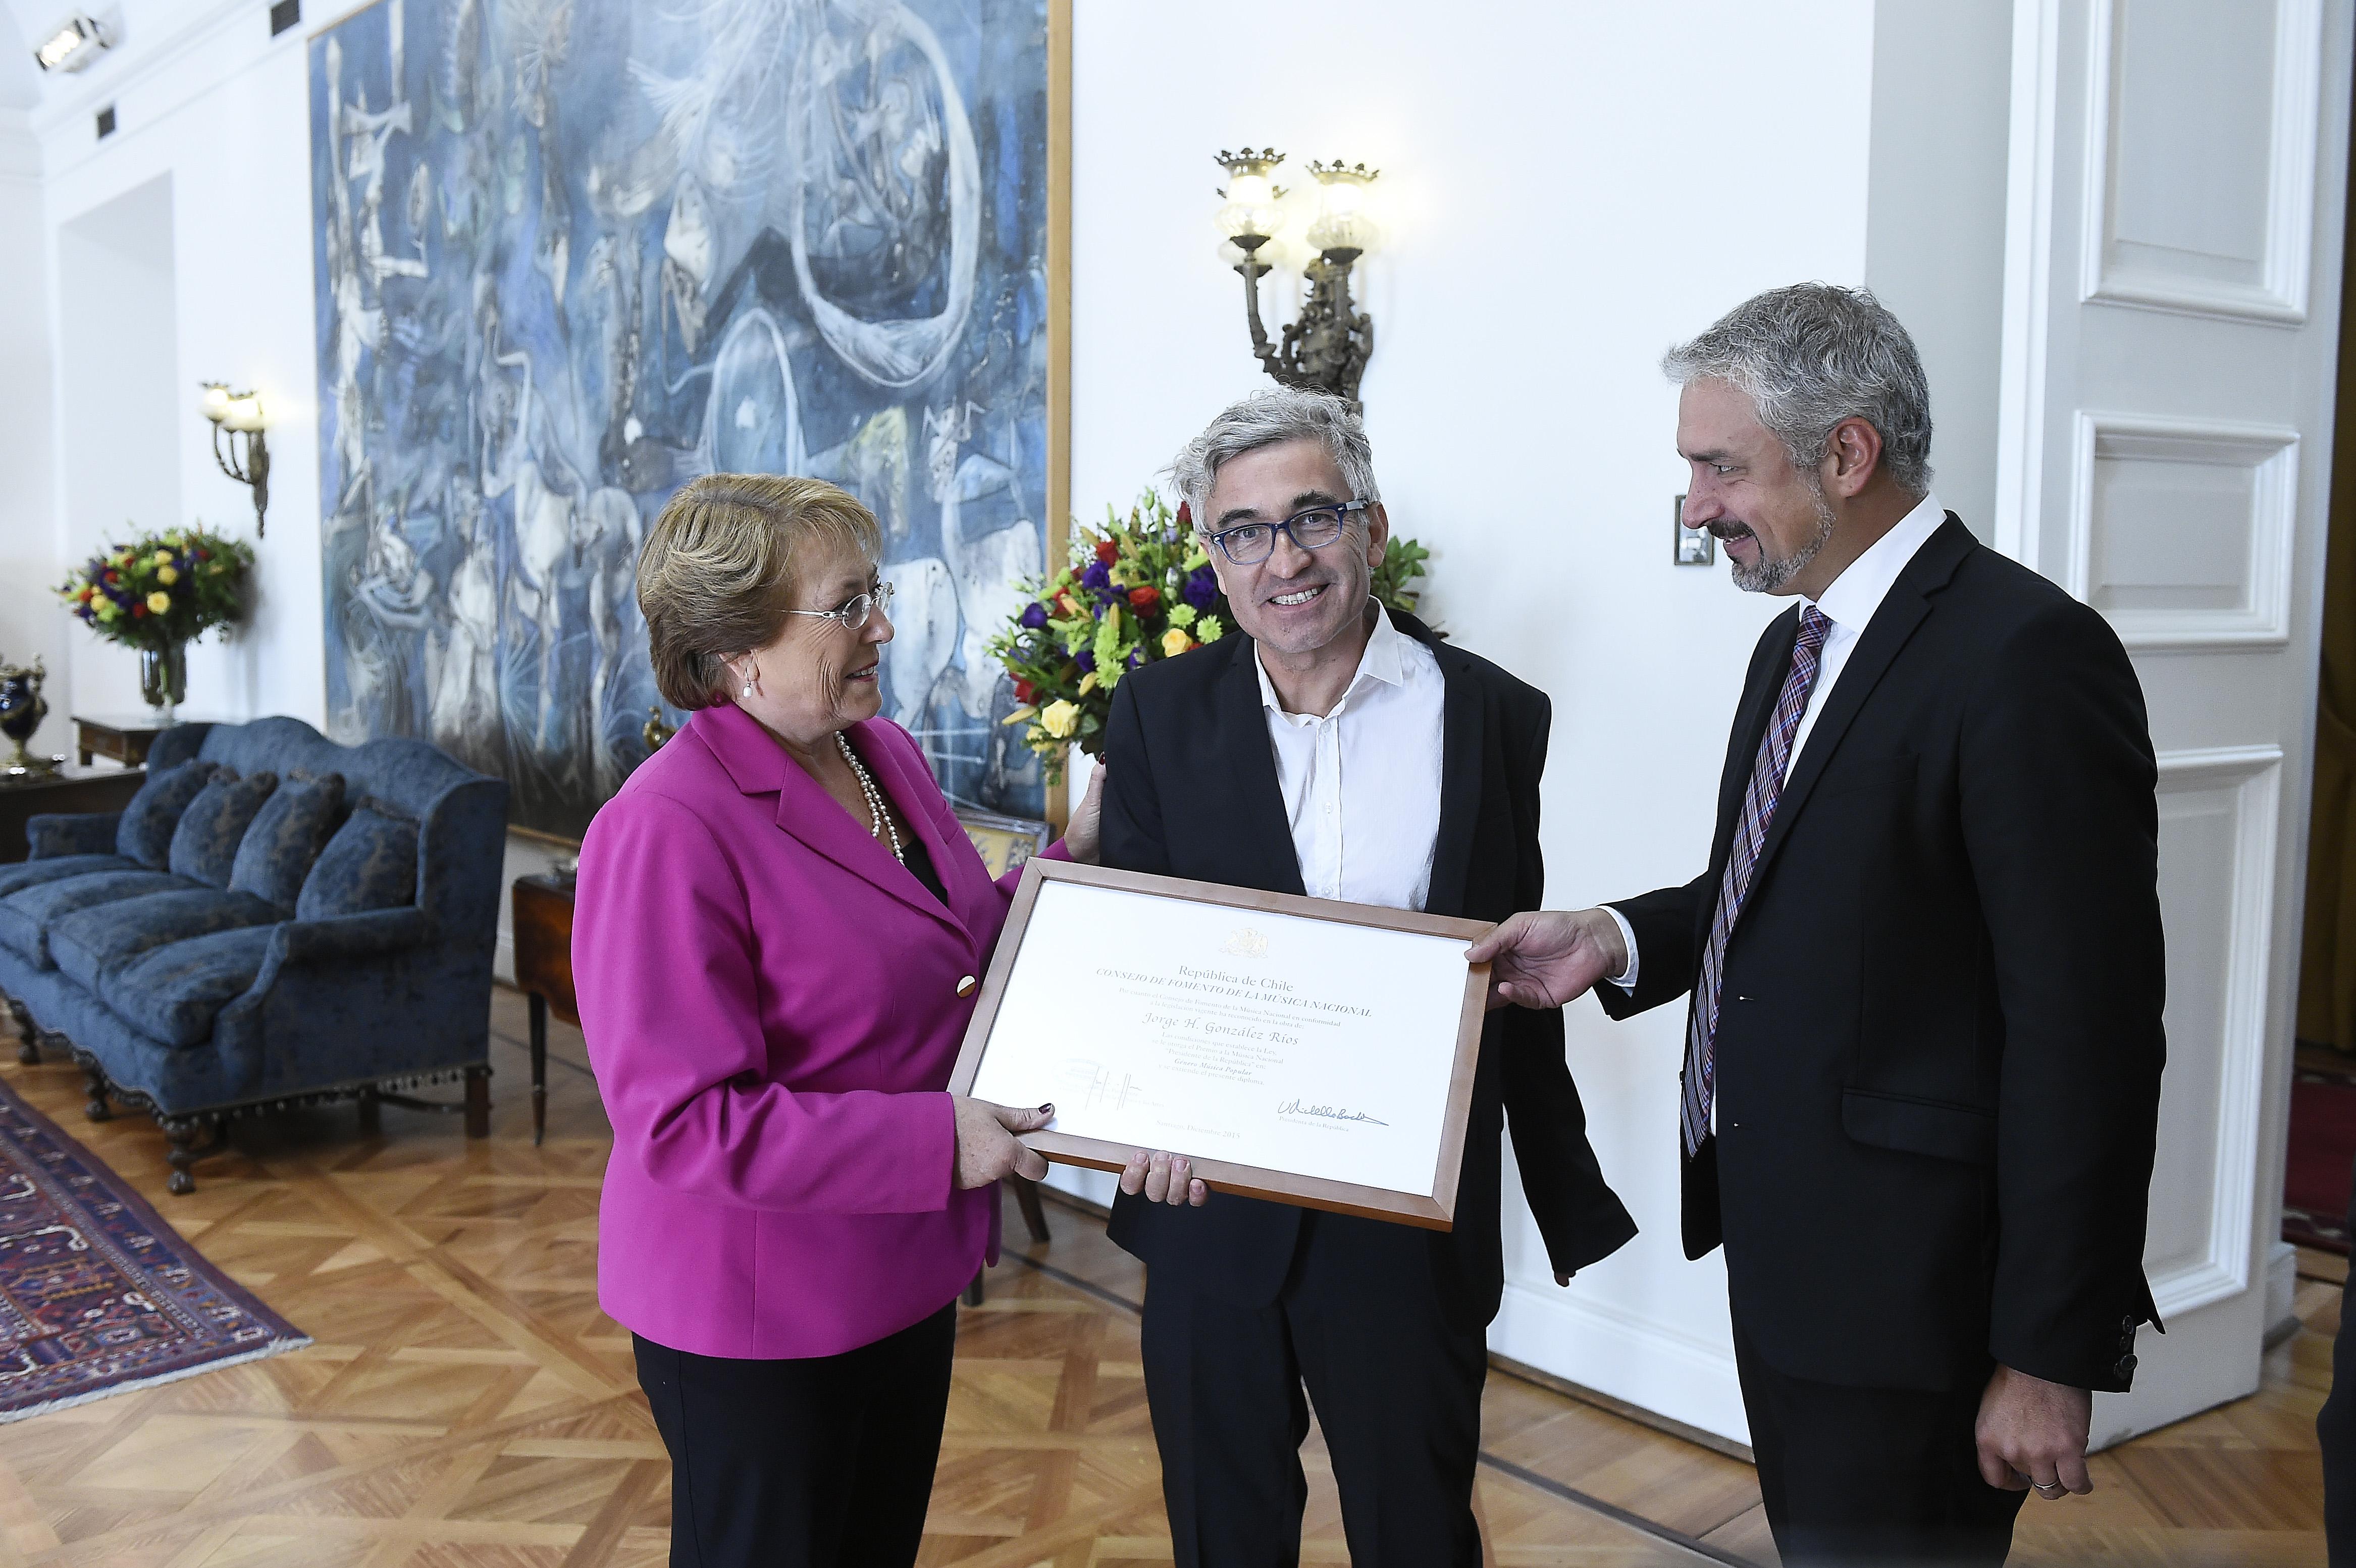 Jorge González (al centro) recibe de manos de la Presidenta Michelle Bachelet el Premio a la Música Nacional Presidente de la República, categoría Música Popular (2016).